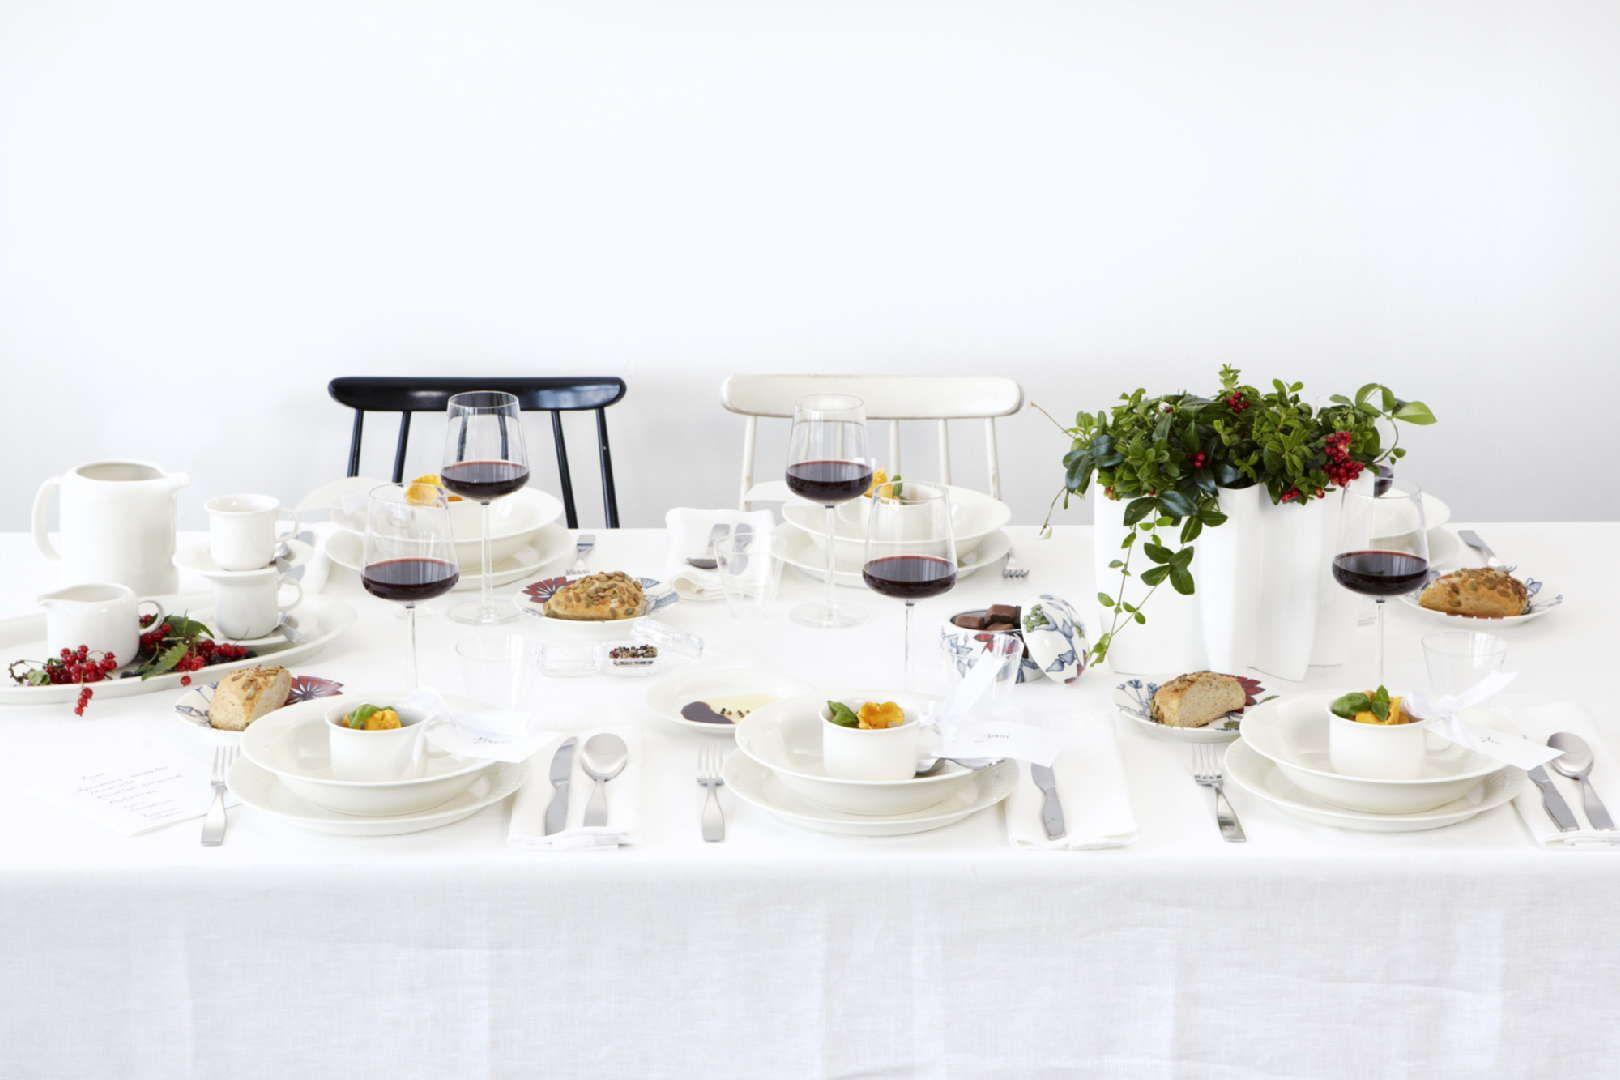 Sisustus - ruokailutila - valkoiset astiat korostavat tarjoilujen täyteläisiä sävyjä